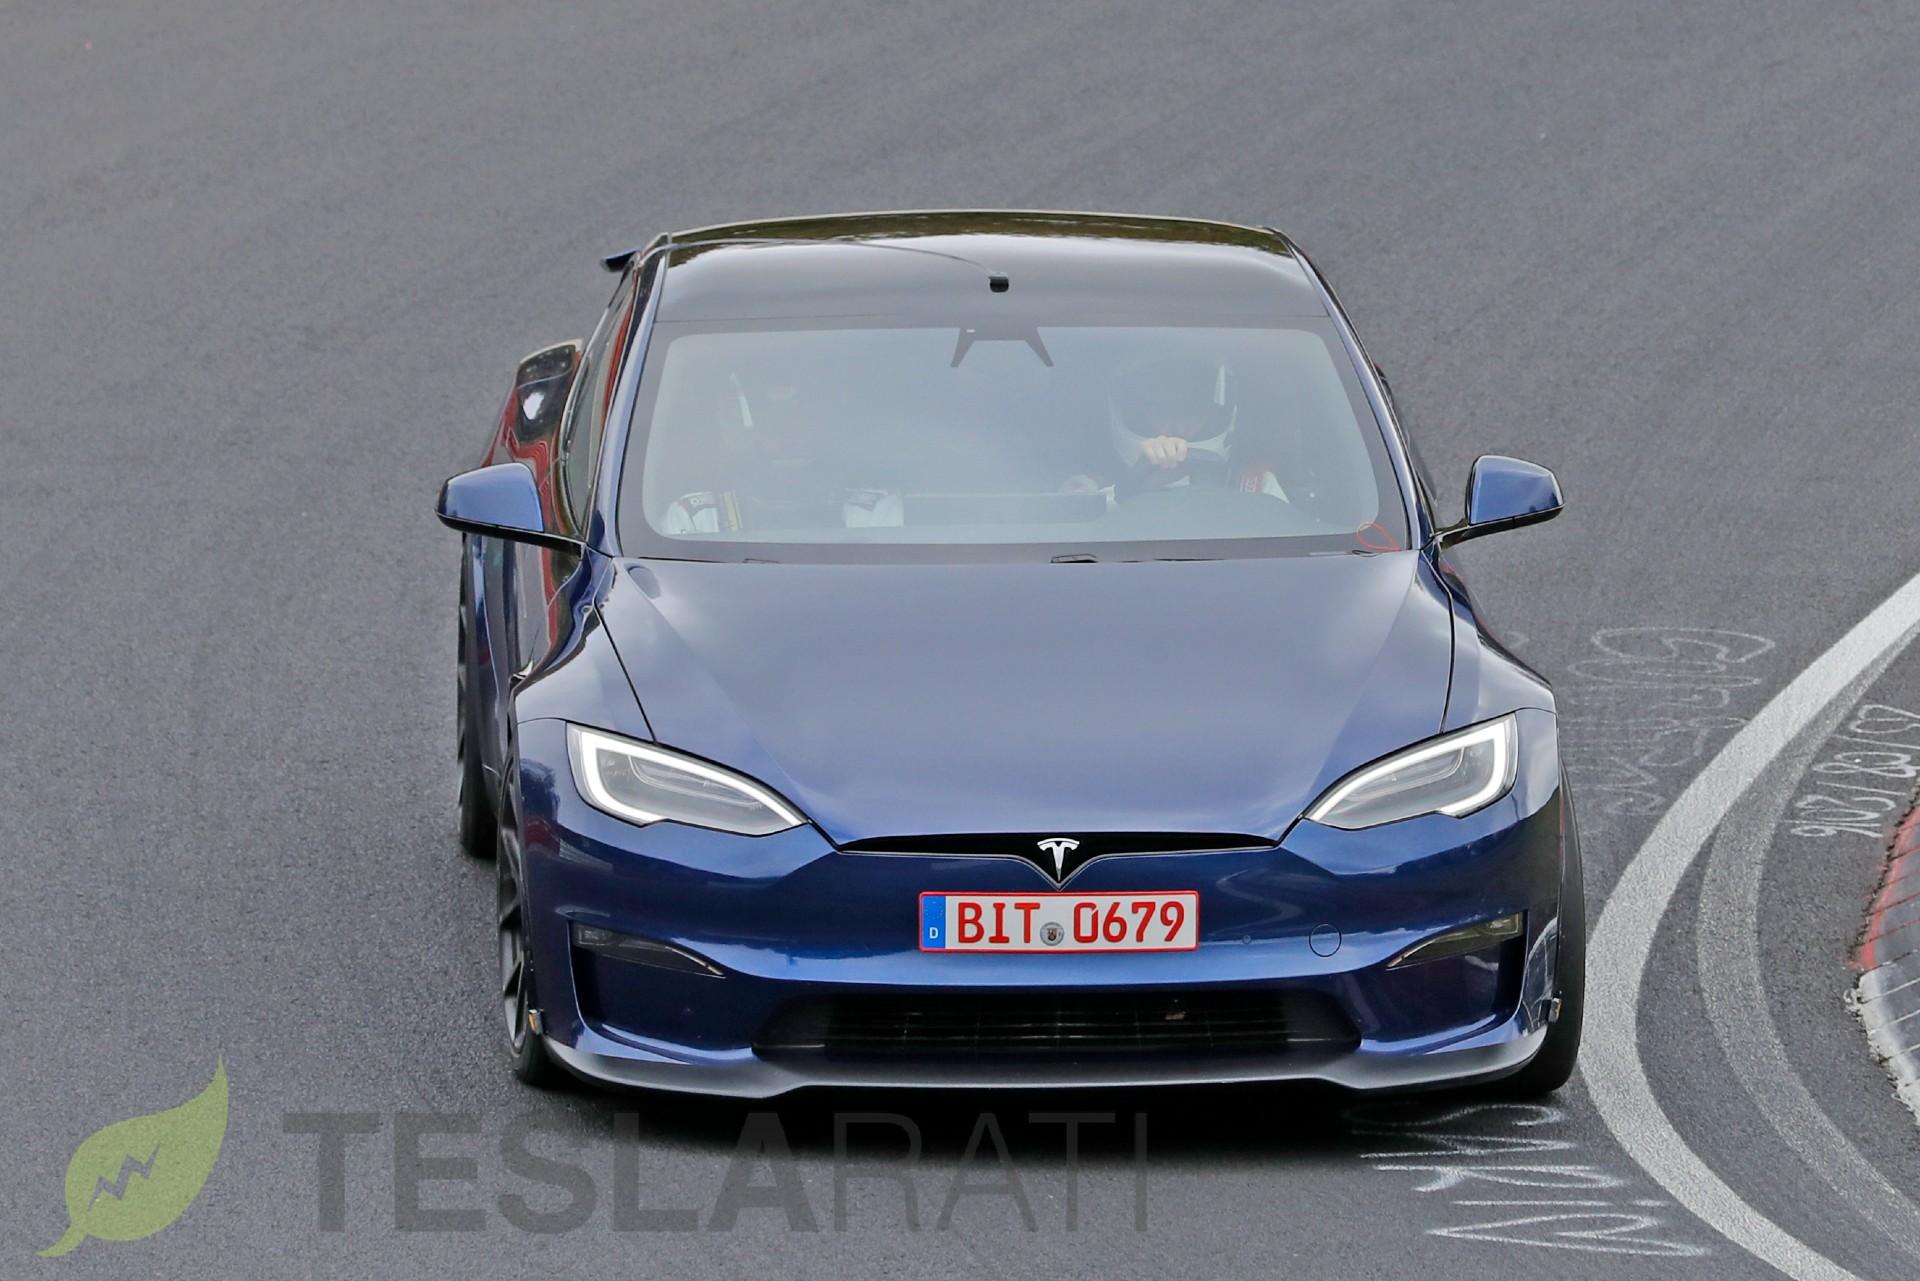 tesla-model-s-plaid-active-spoiler-nürburgring-track-pack-2